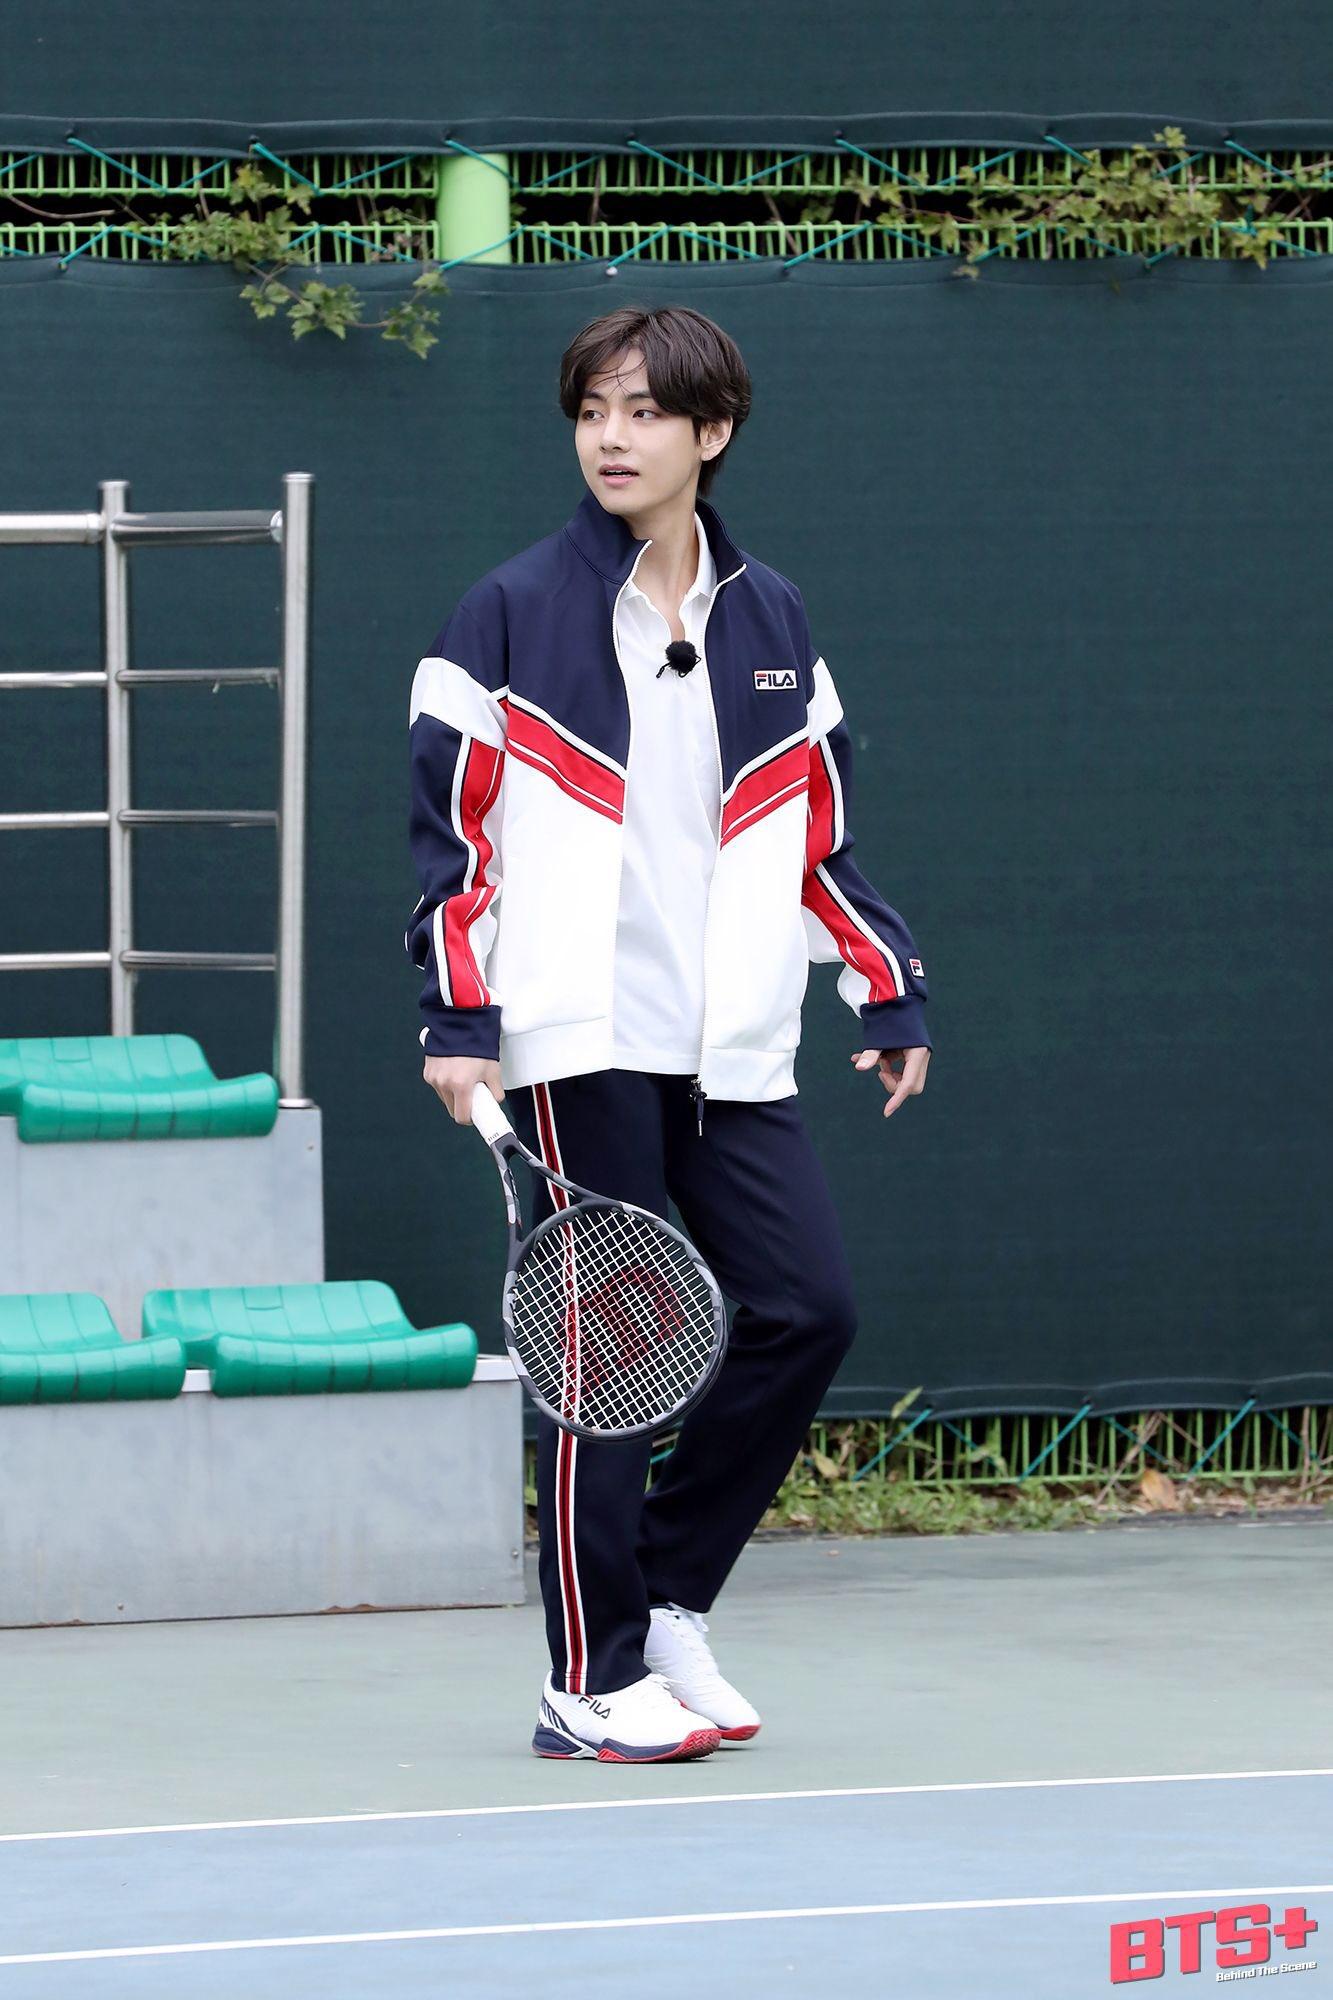 V (BTS) gây bão khi đánh tennis ngầu như nam chính phim thanh xuân vườn trường - 16